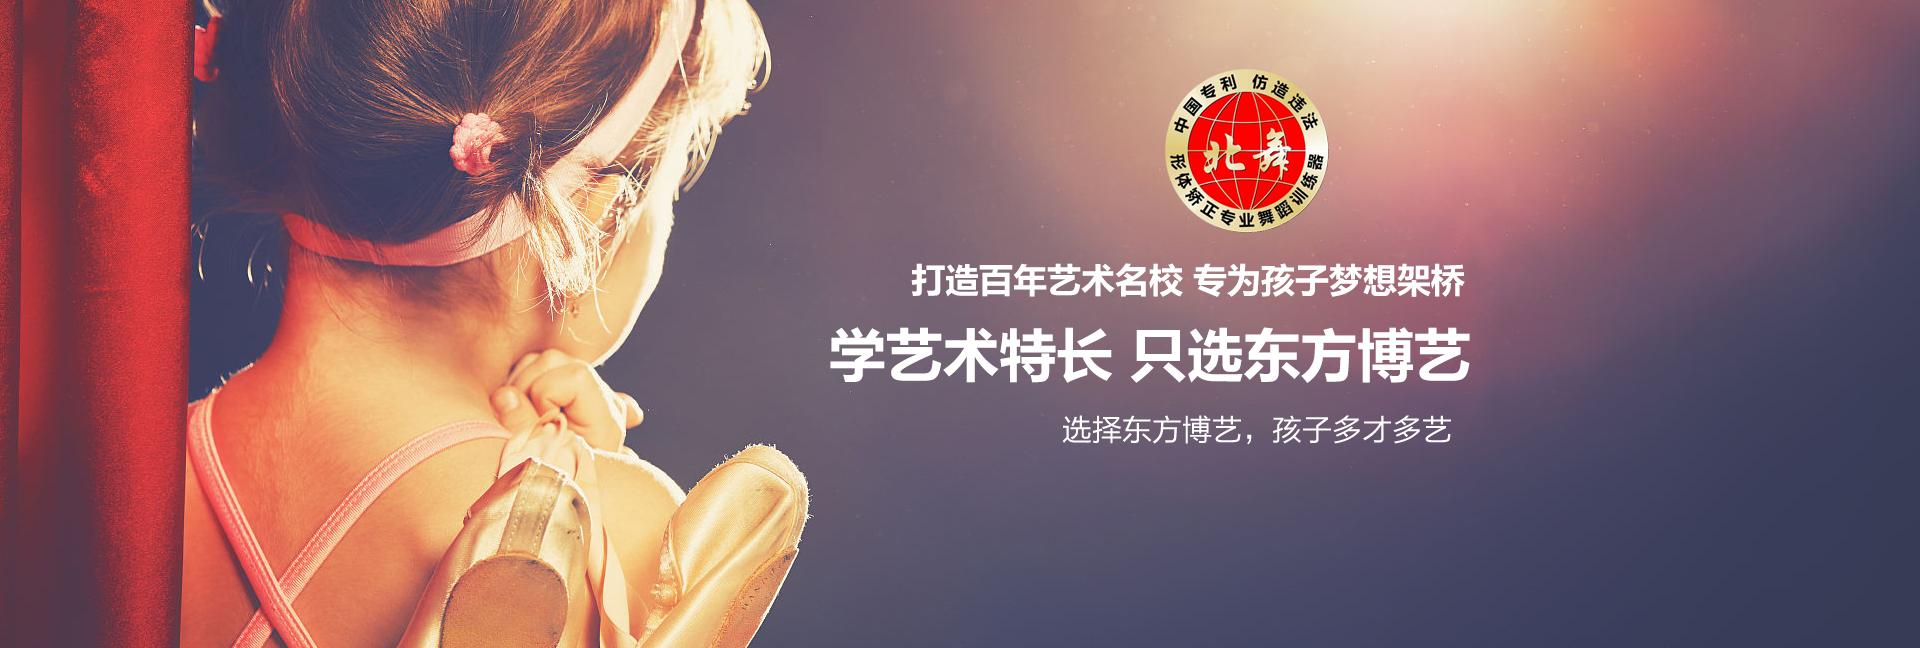 宜昌艺术培训